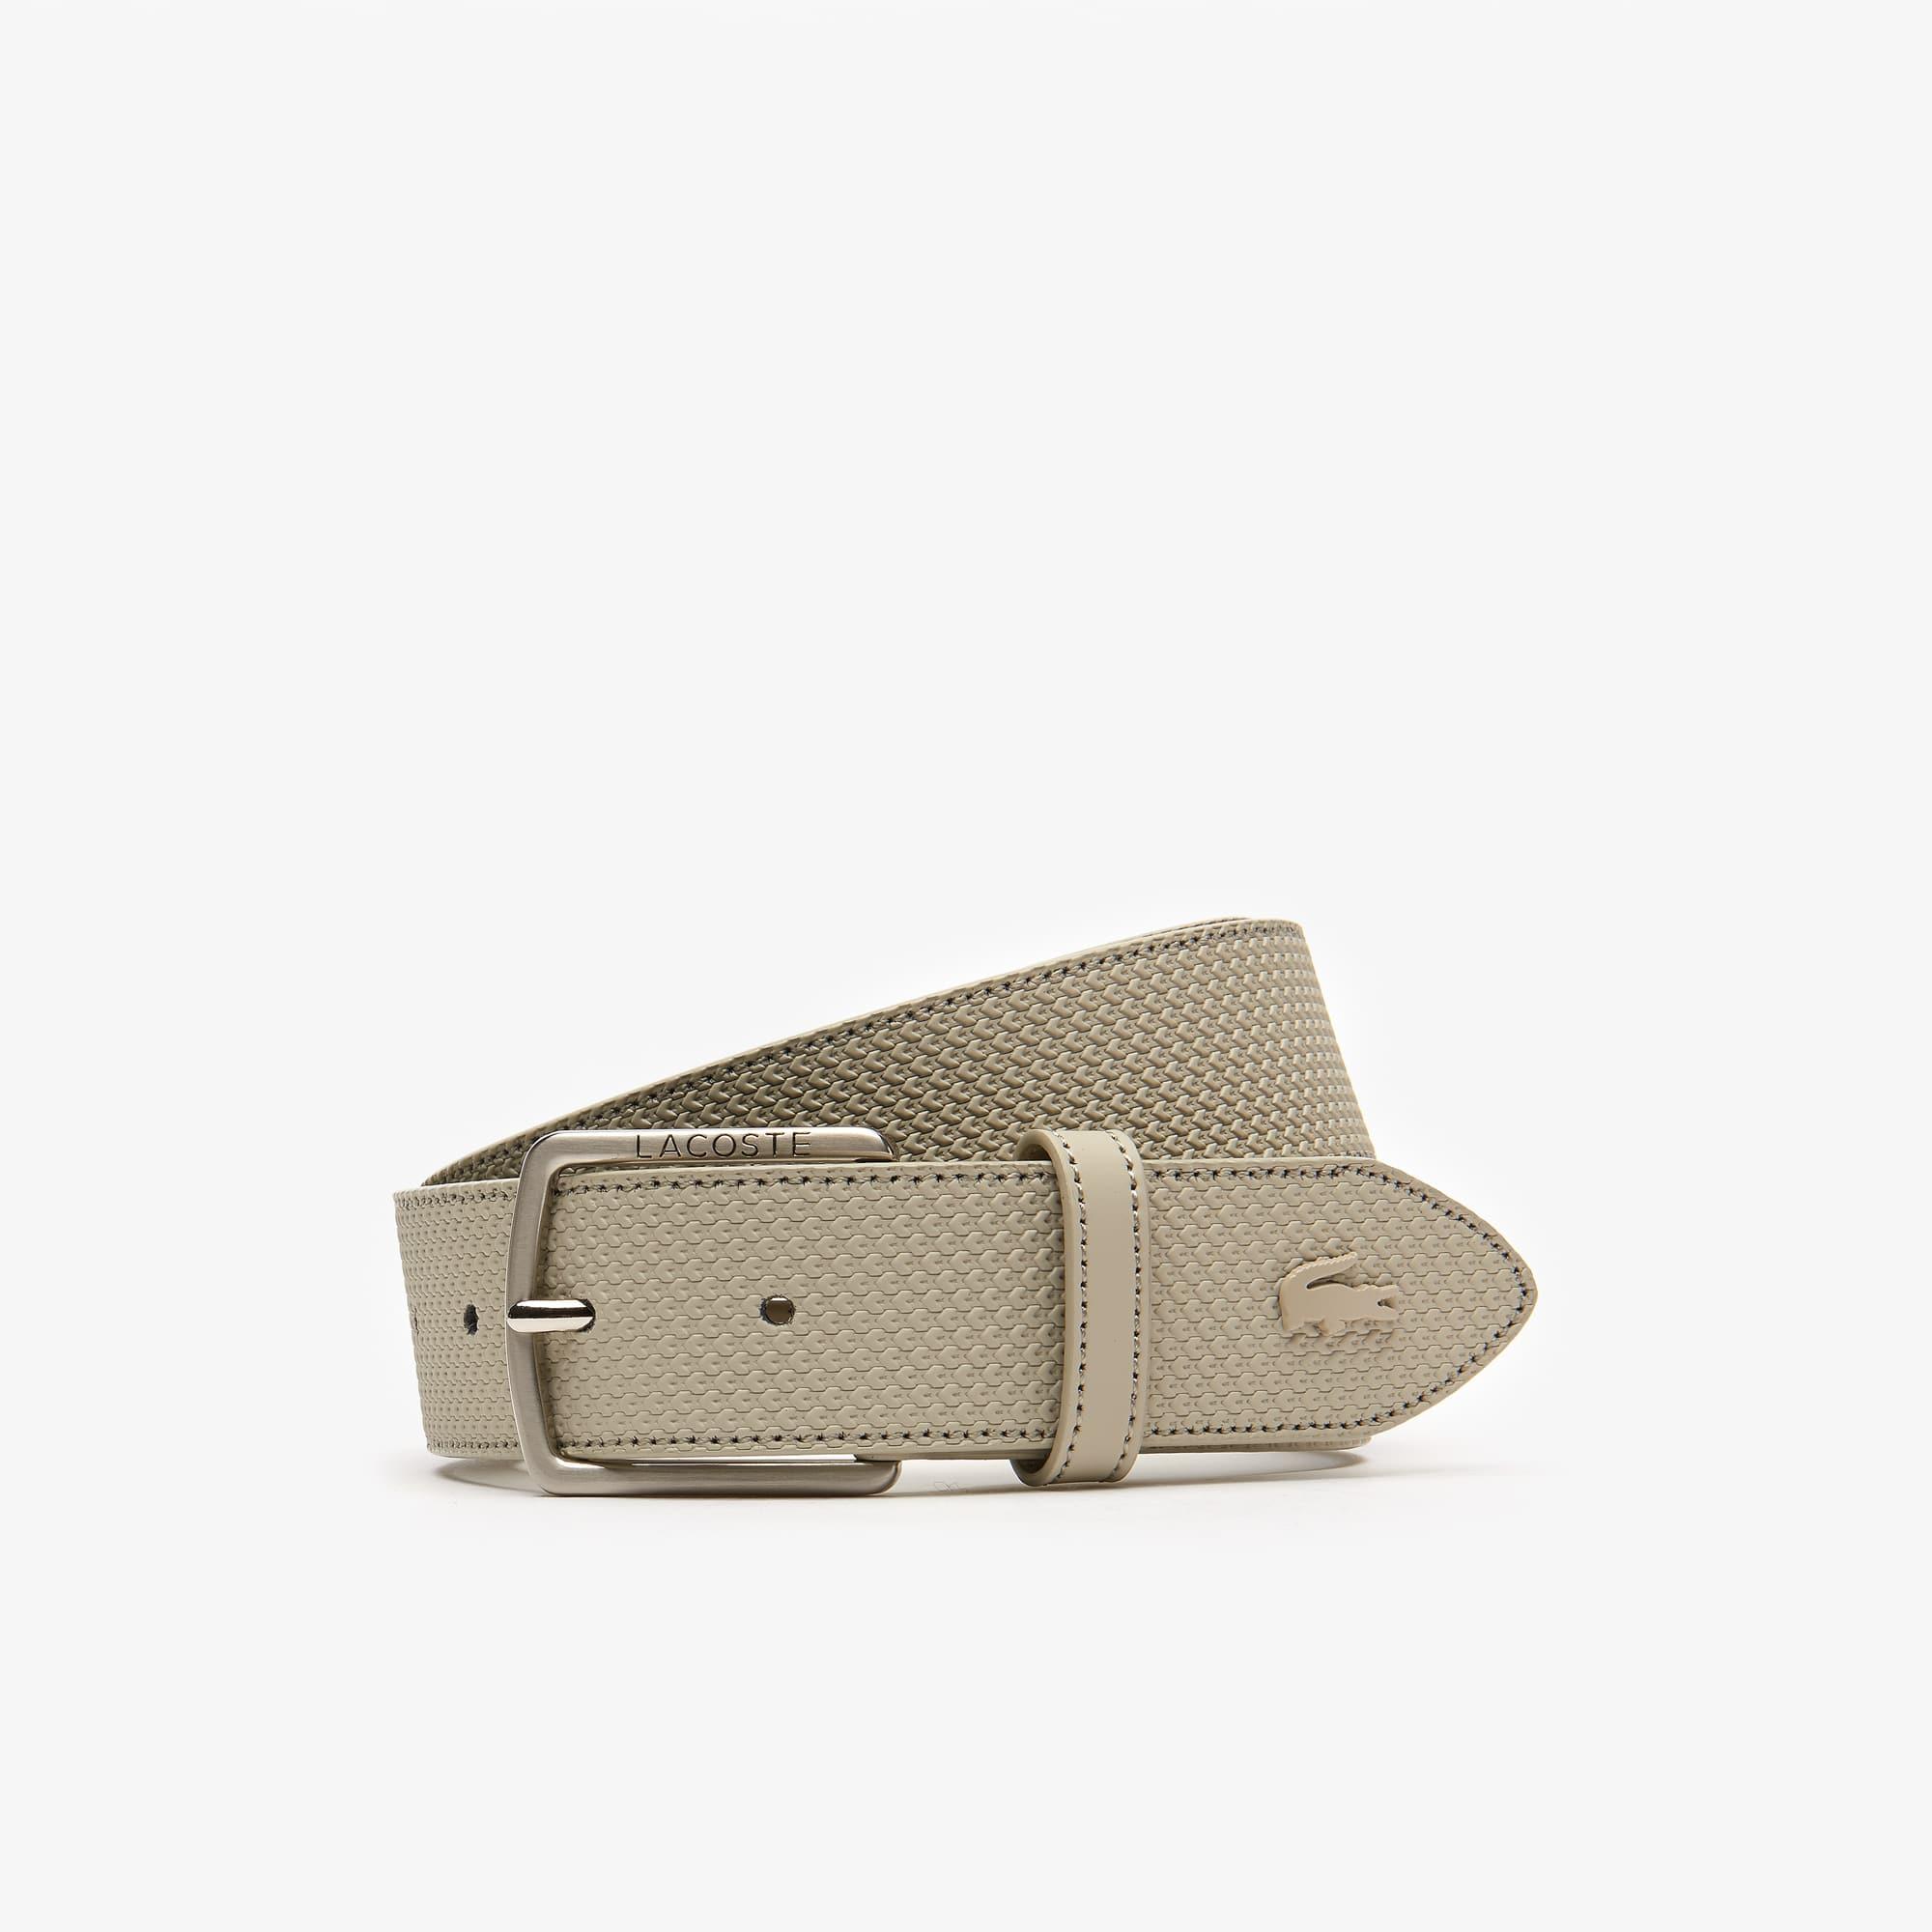 fbca160c628 + 2 colors. Men s Chantaco Engraved Tongue Buckle Leather Belt.  75.00.  Men s Engraved Buckle Leather Belt